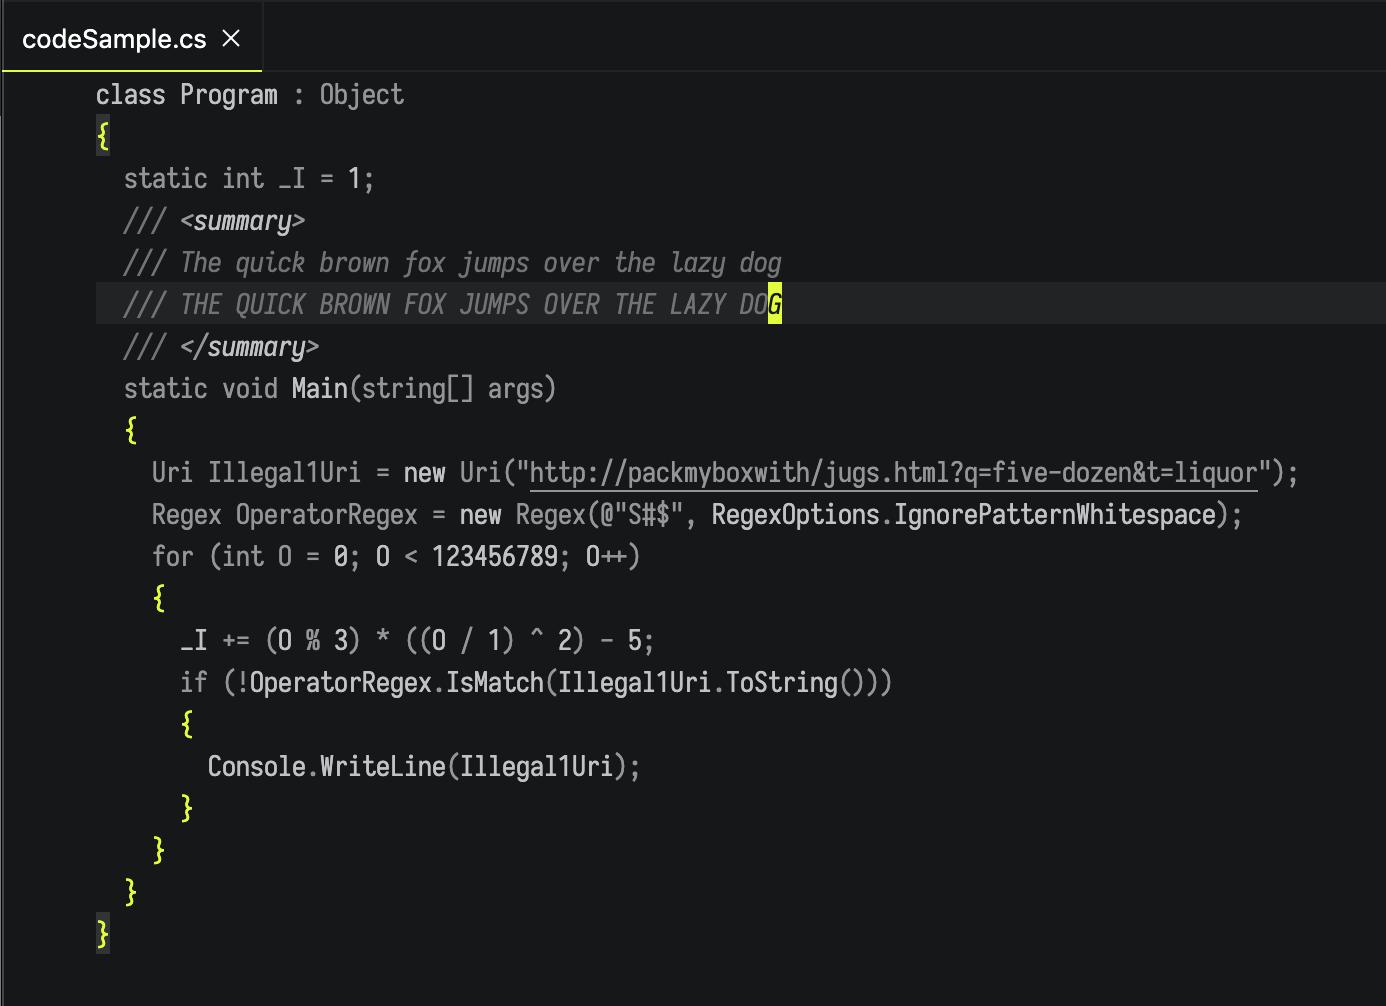 CSharp code sample